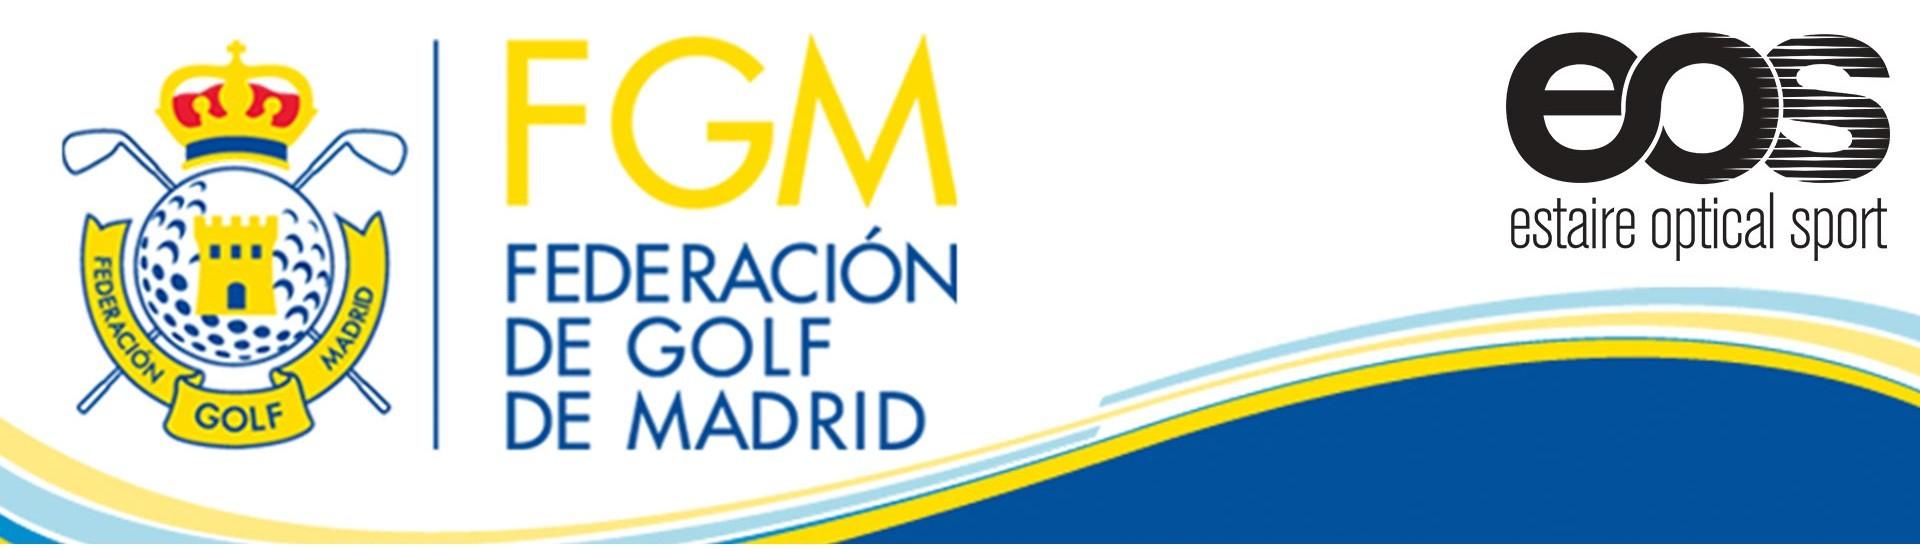 Gafas EOS, nuevo patrocinador de la Federación Madrileña de Golf, ofrece descuentos especiales a los federados